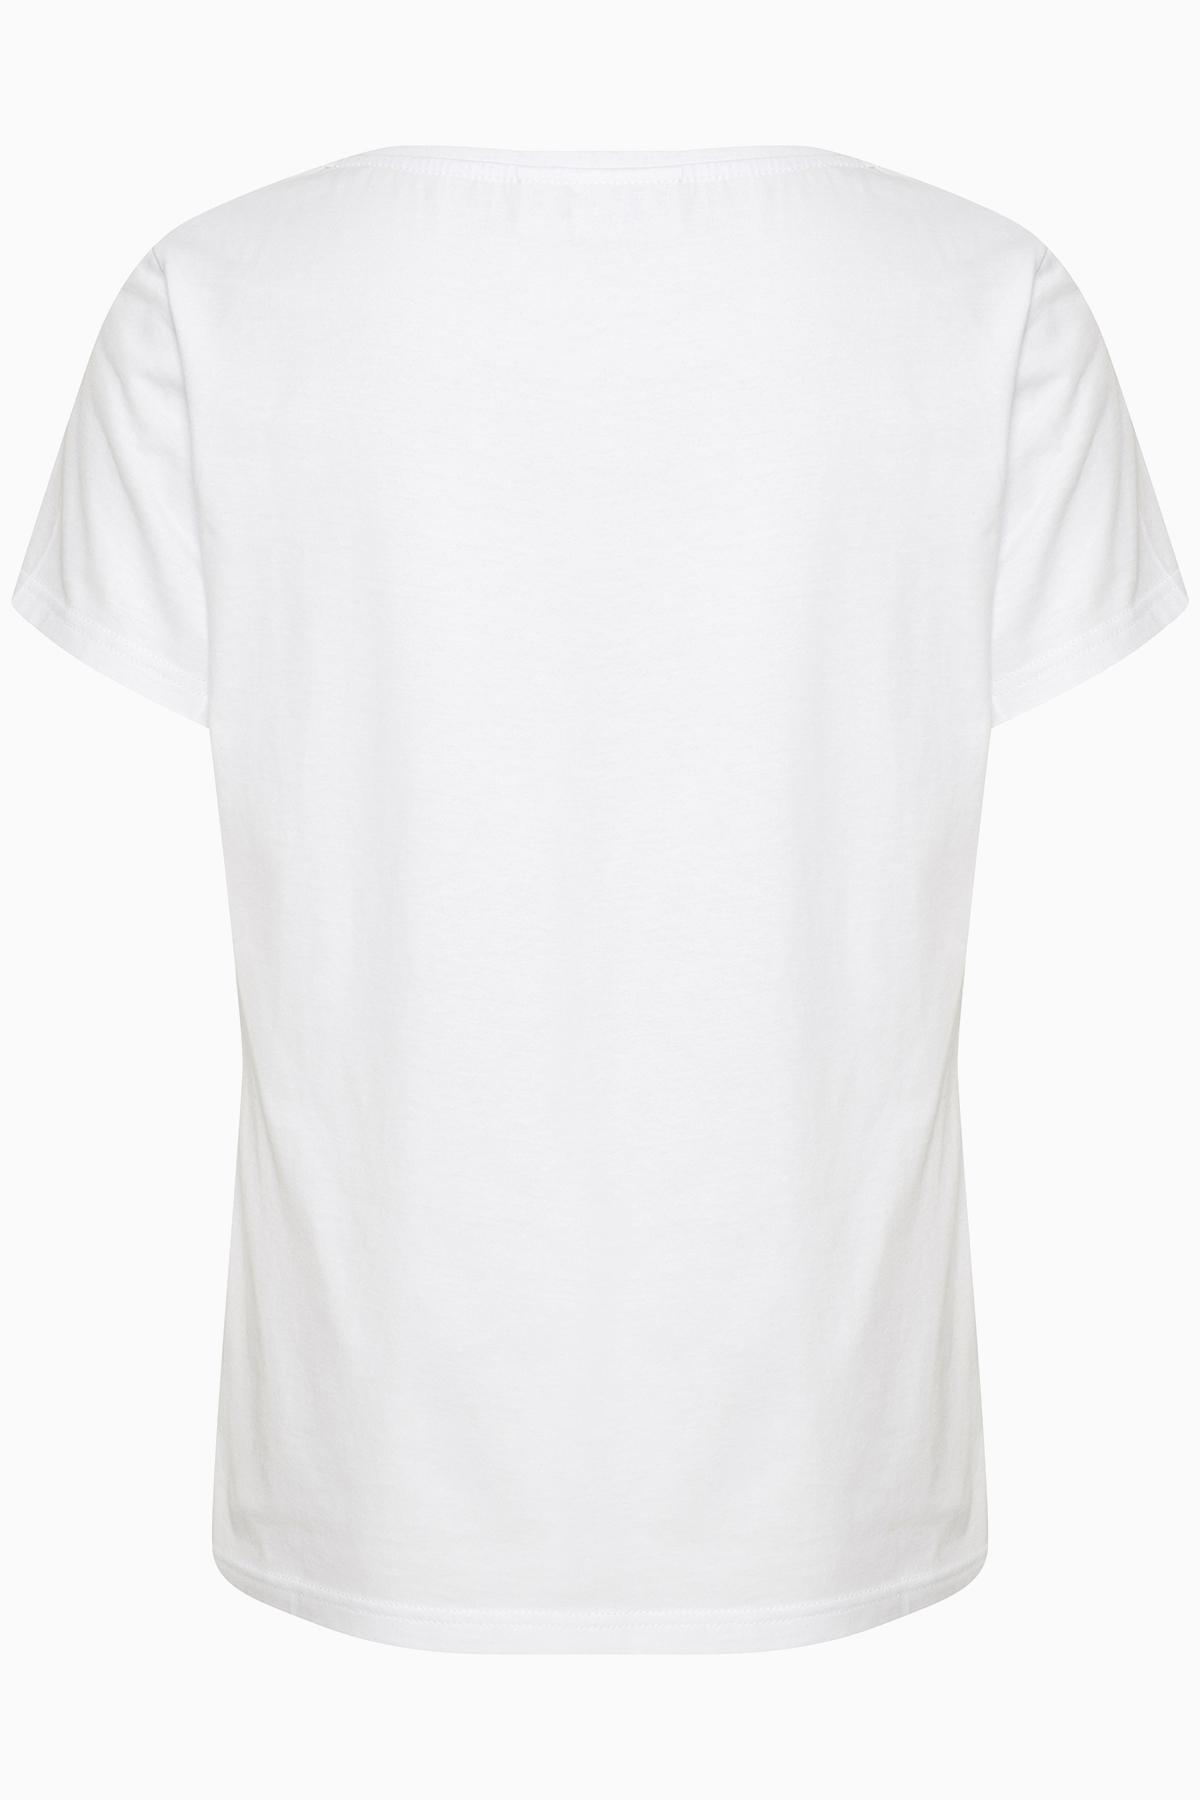 Wollweiss/fuchsia Kurzarm T-Shirt von Kaffe – Shoppen SieWollweiss/fuchsia Kurzarm T-Shirt ab Gr. L-XXL hier